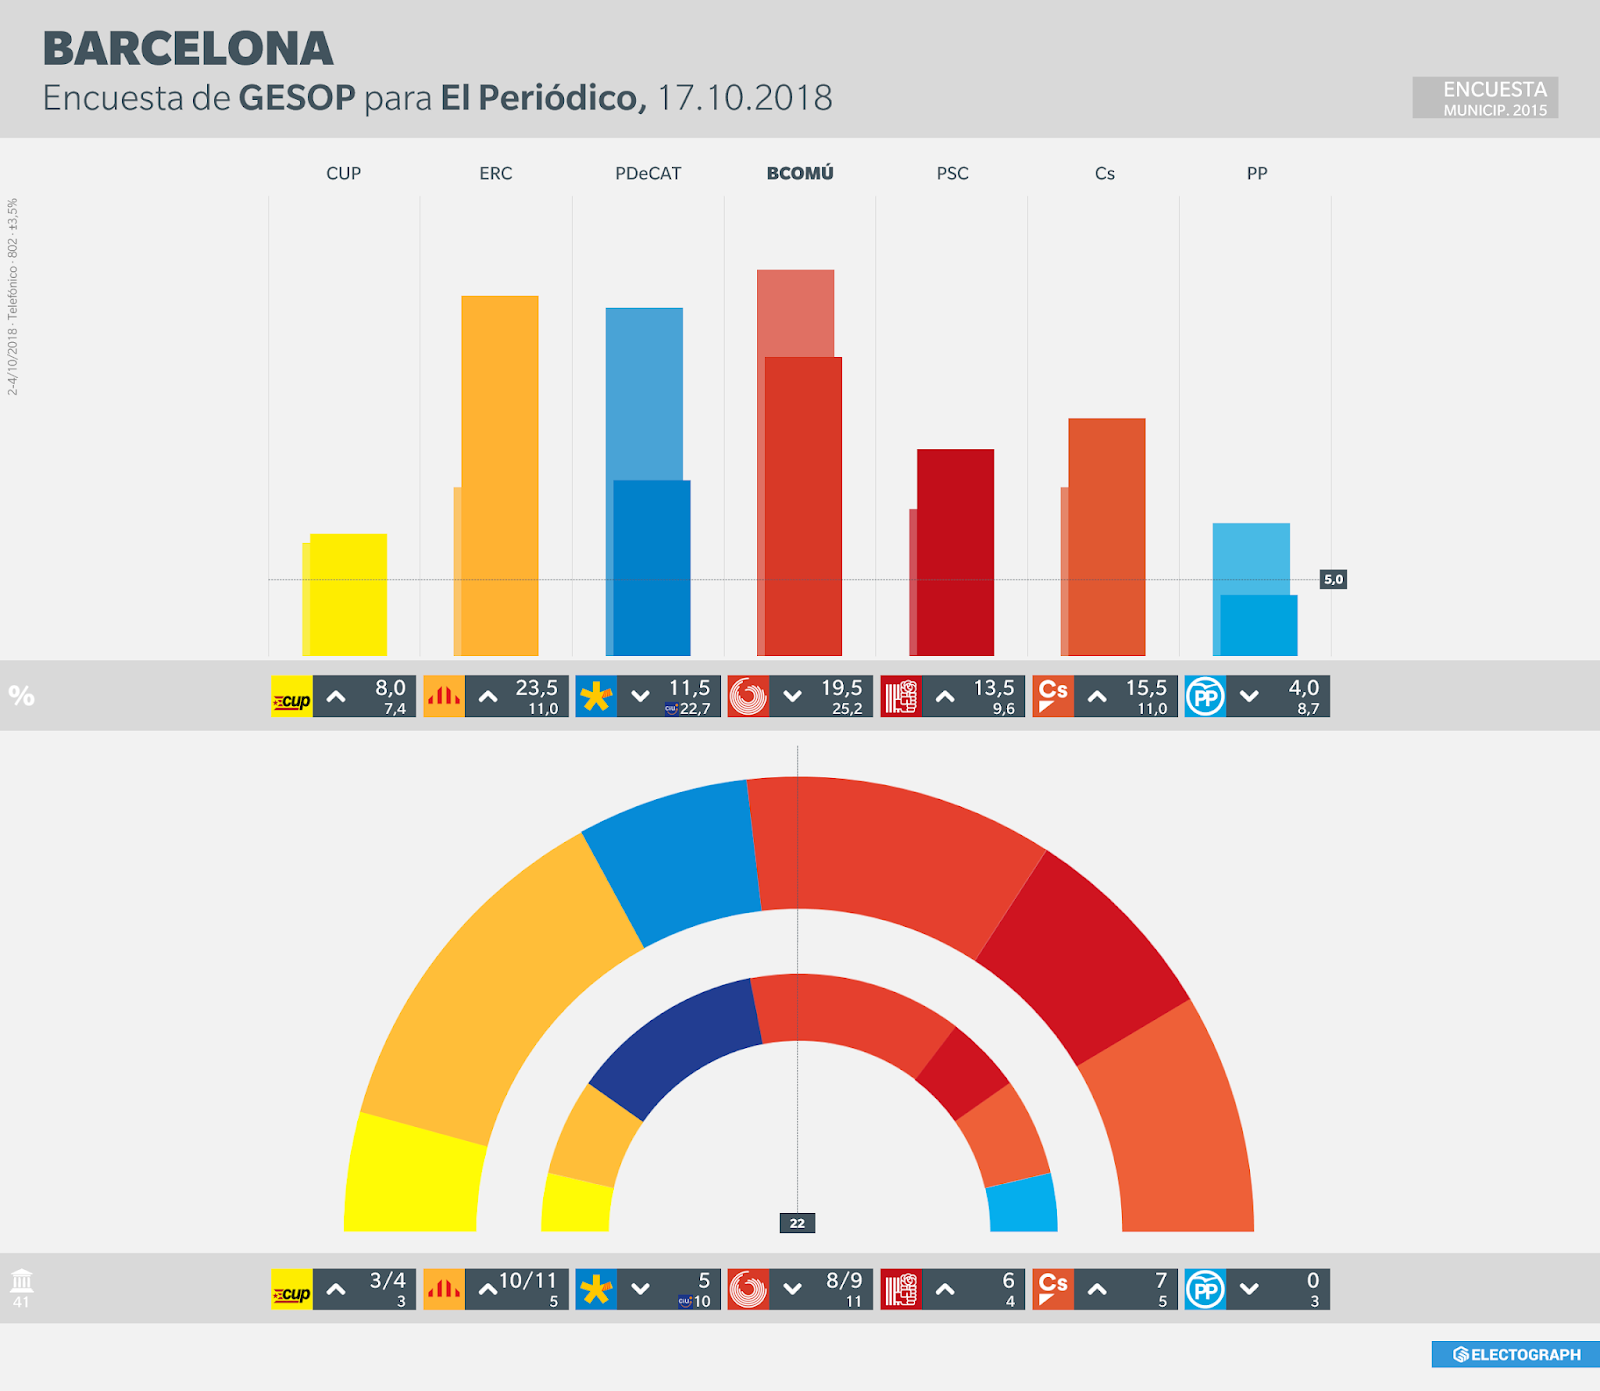 Gráfico de la encuesta para elecciones municipales en Barcelona realizada por GESOP para El Periódico en octubre de 2018